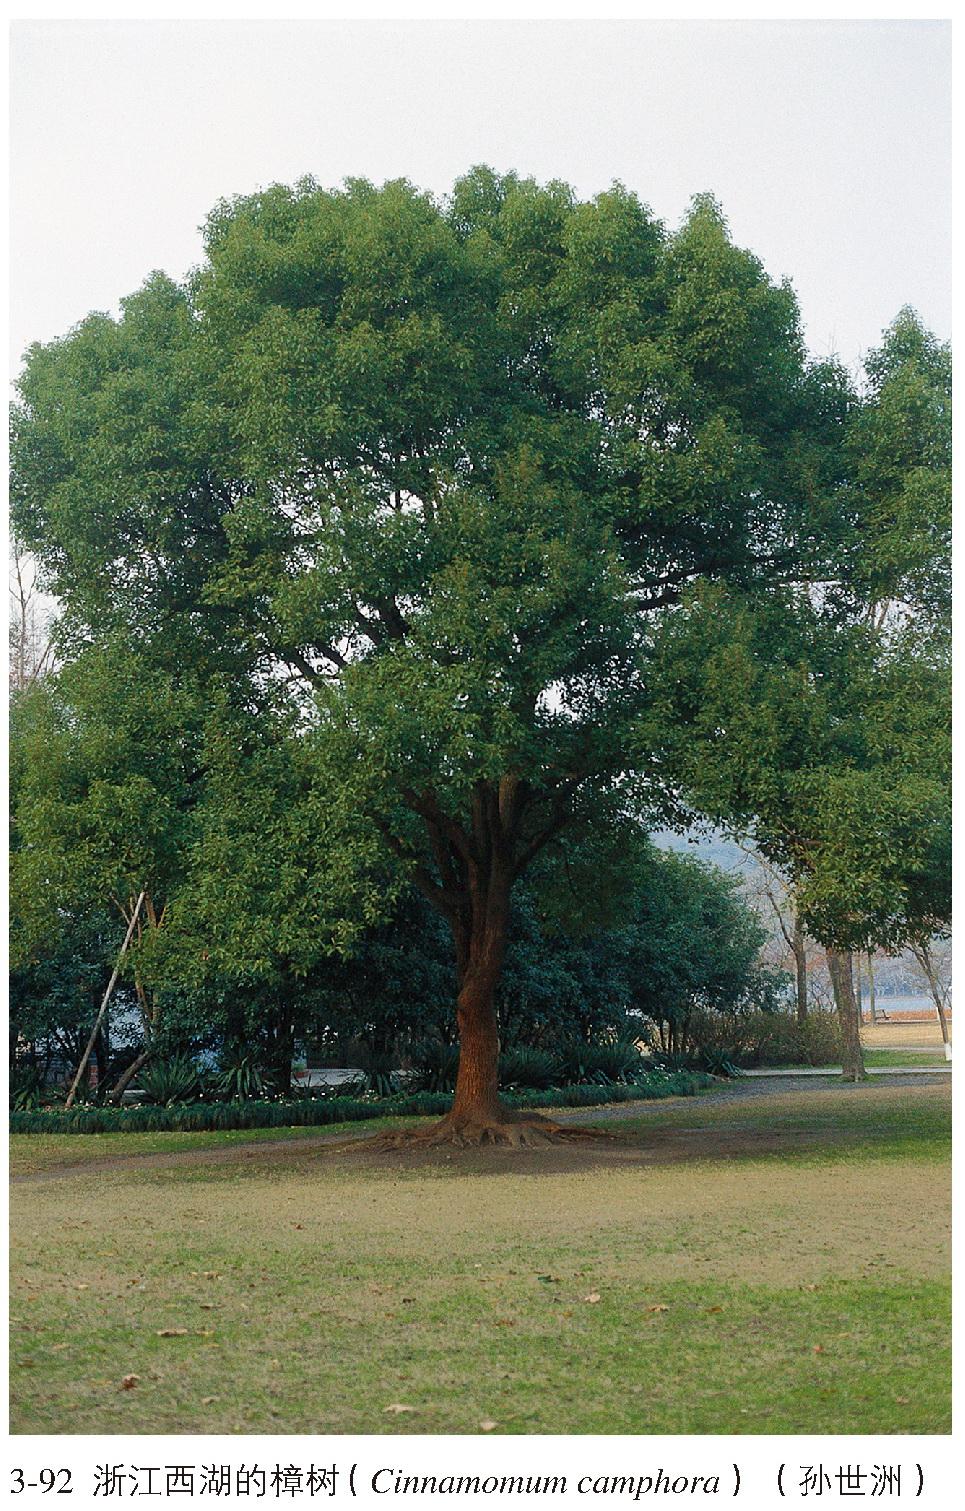 亚热带常绿阔叶林在我国分布很广,大致分布在北纬23°40′ ~32°,东经